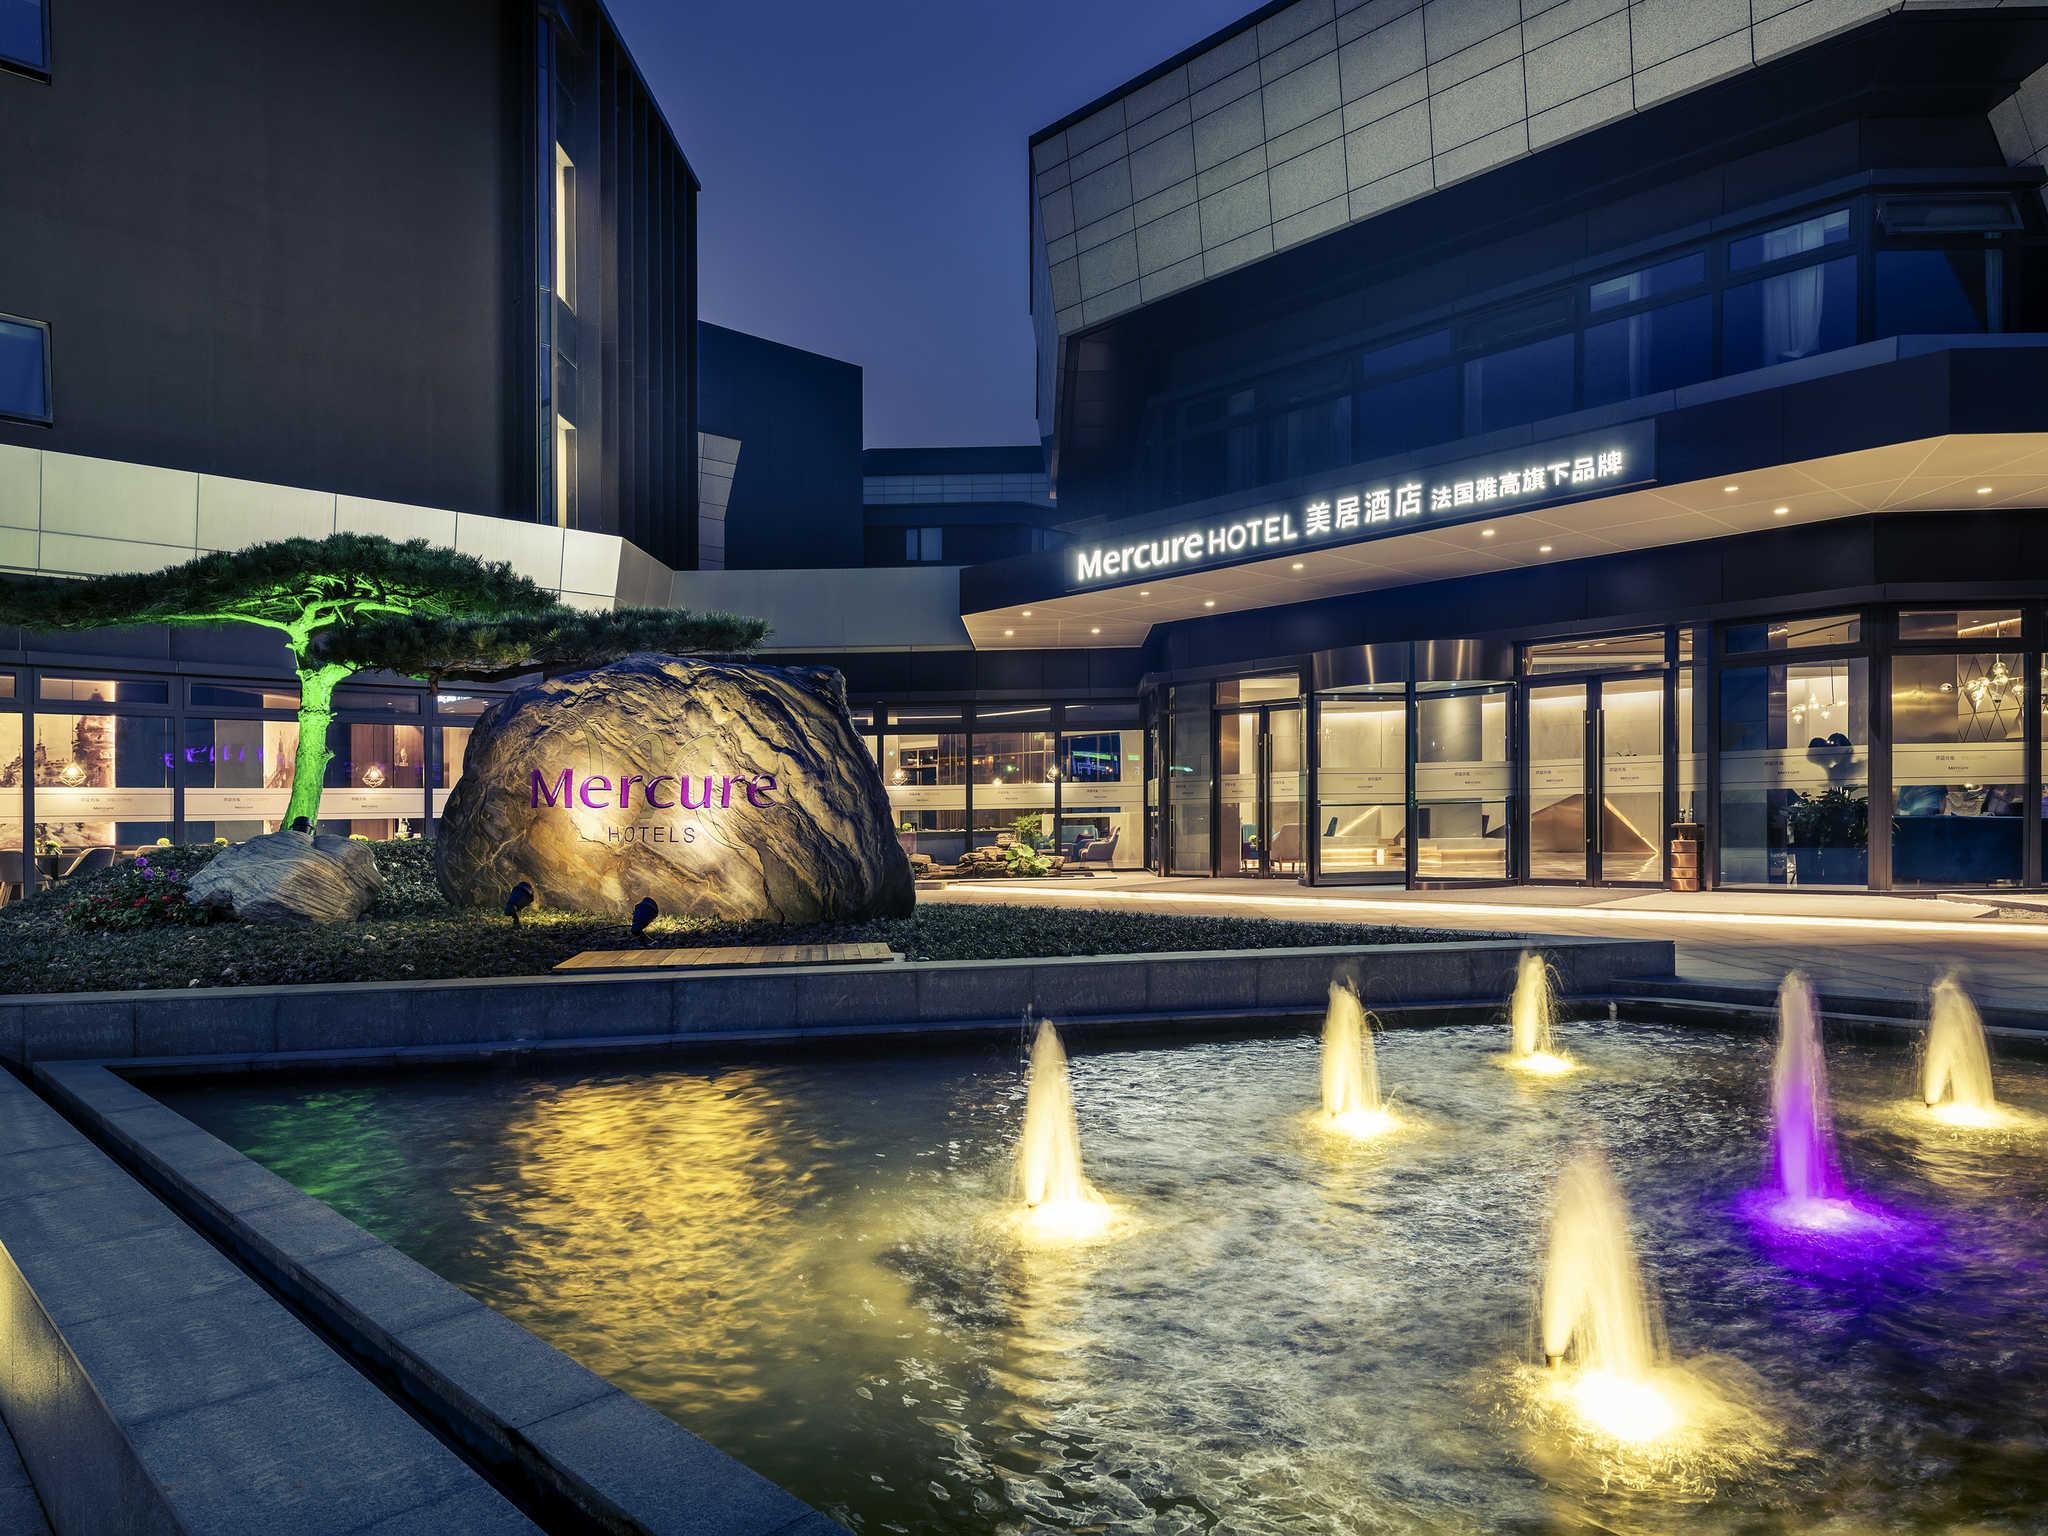 ホテル – メルキュール 上海 NECC